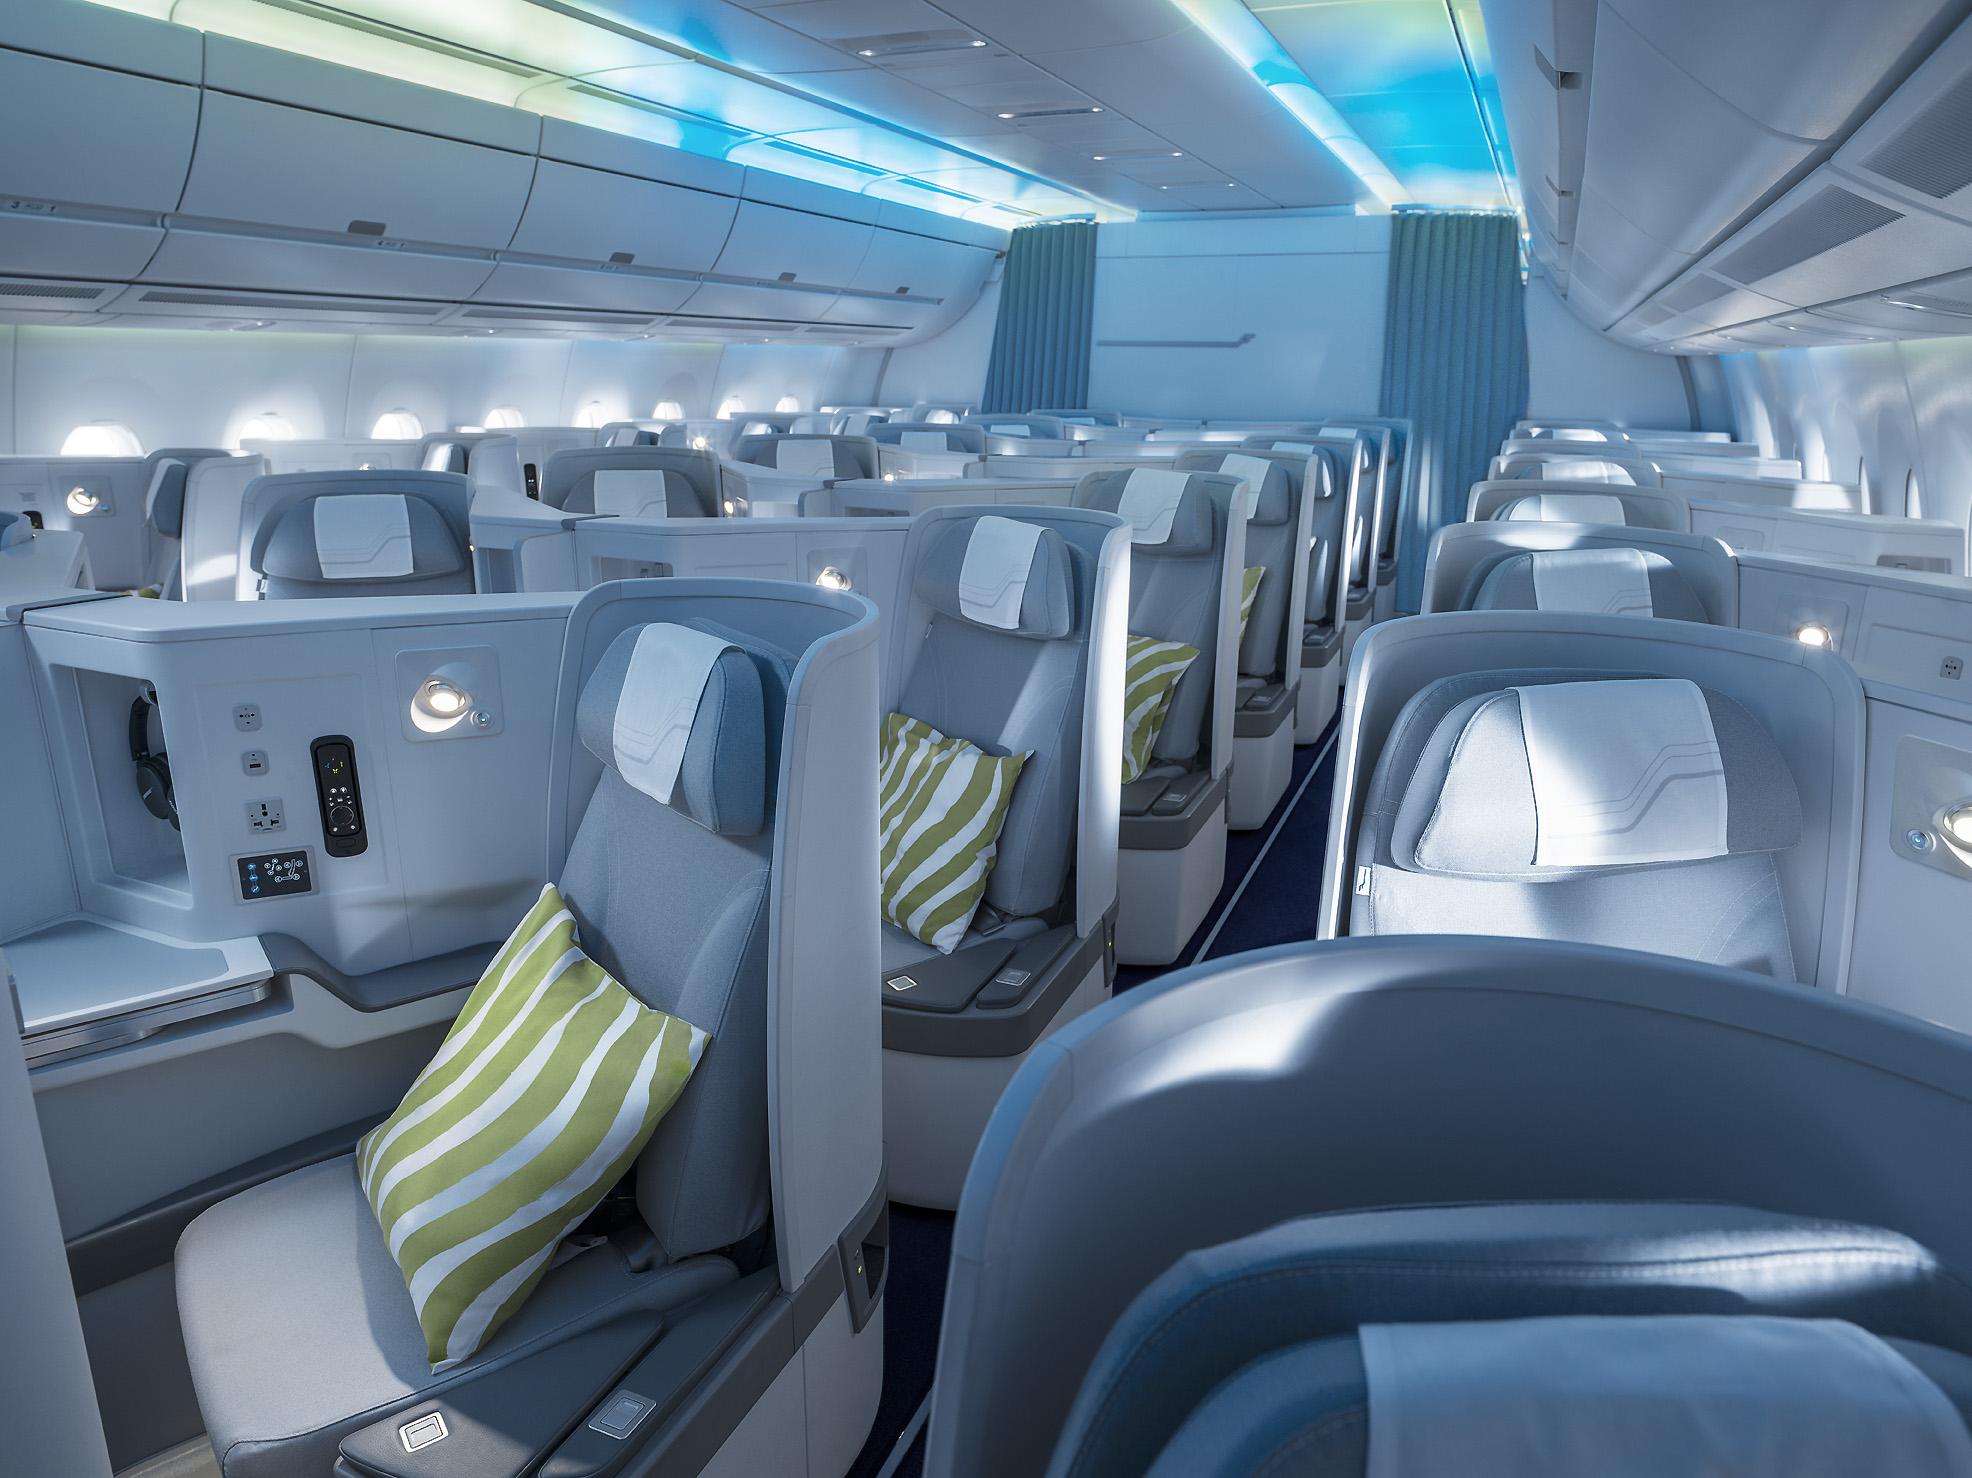 finnair northern lights theme business class cabin